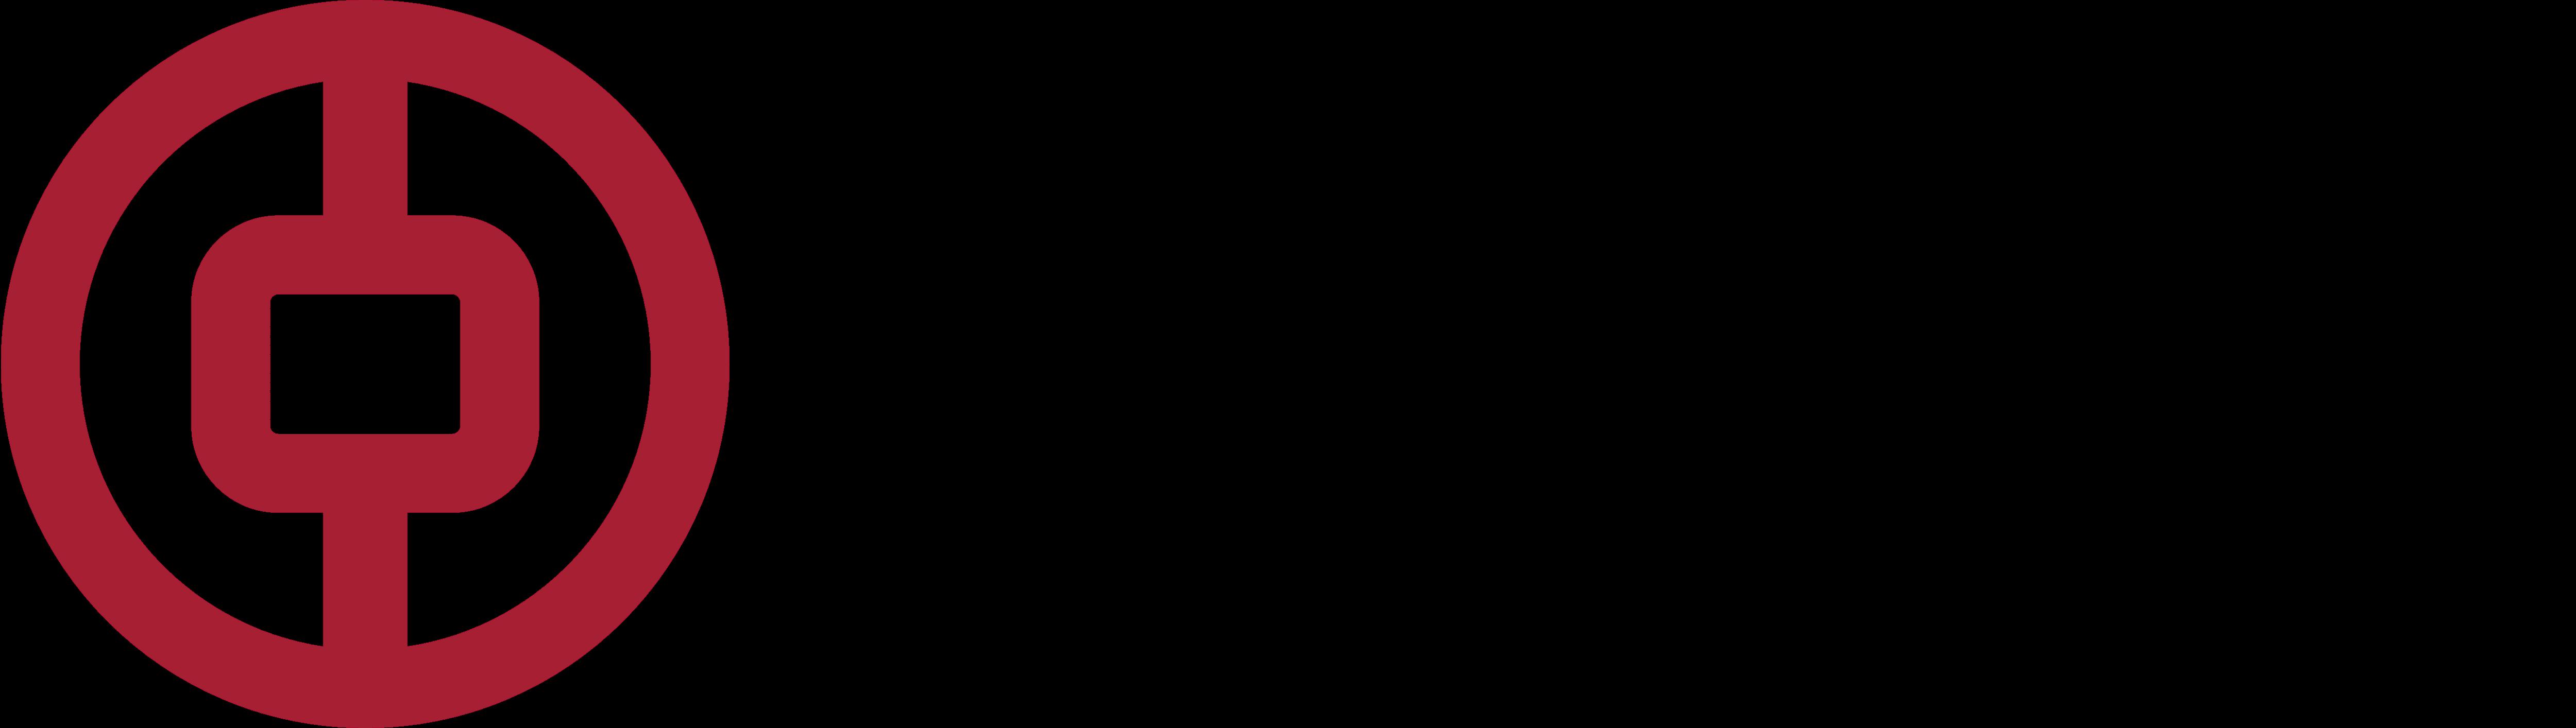 logo bank of china